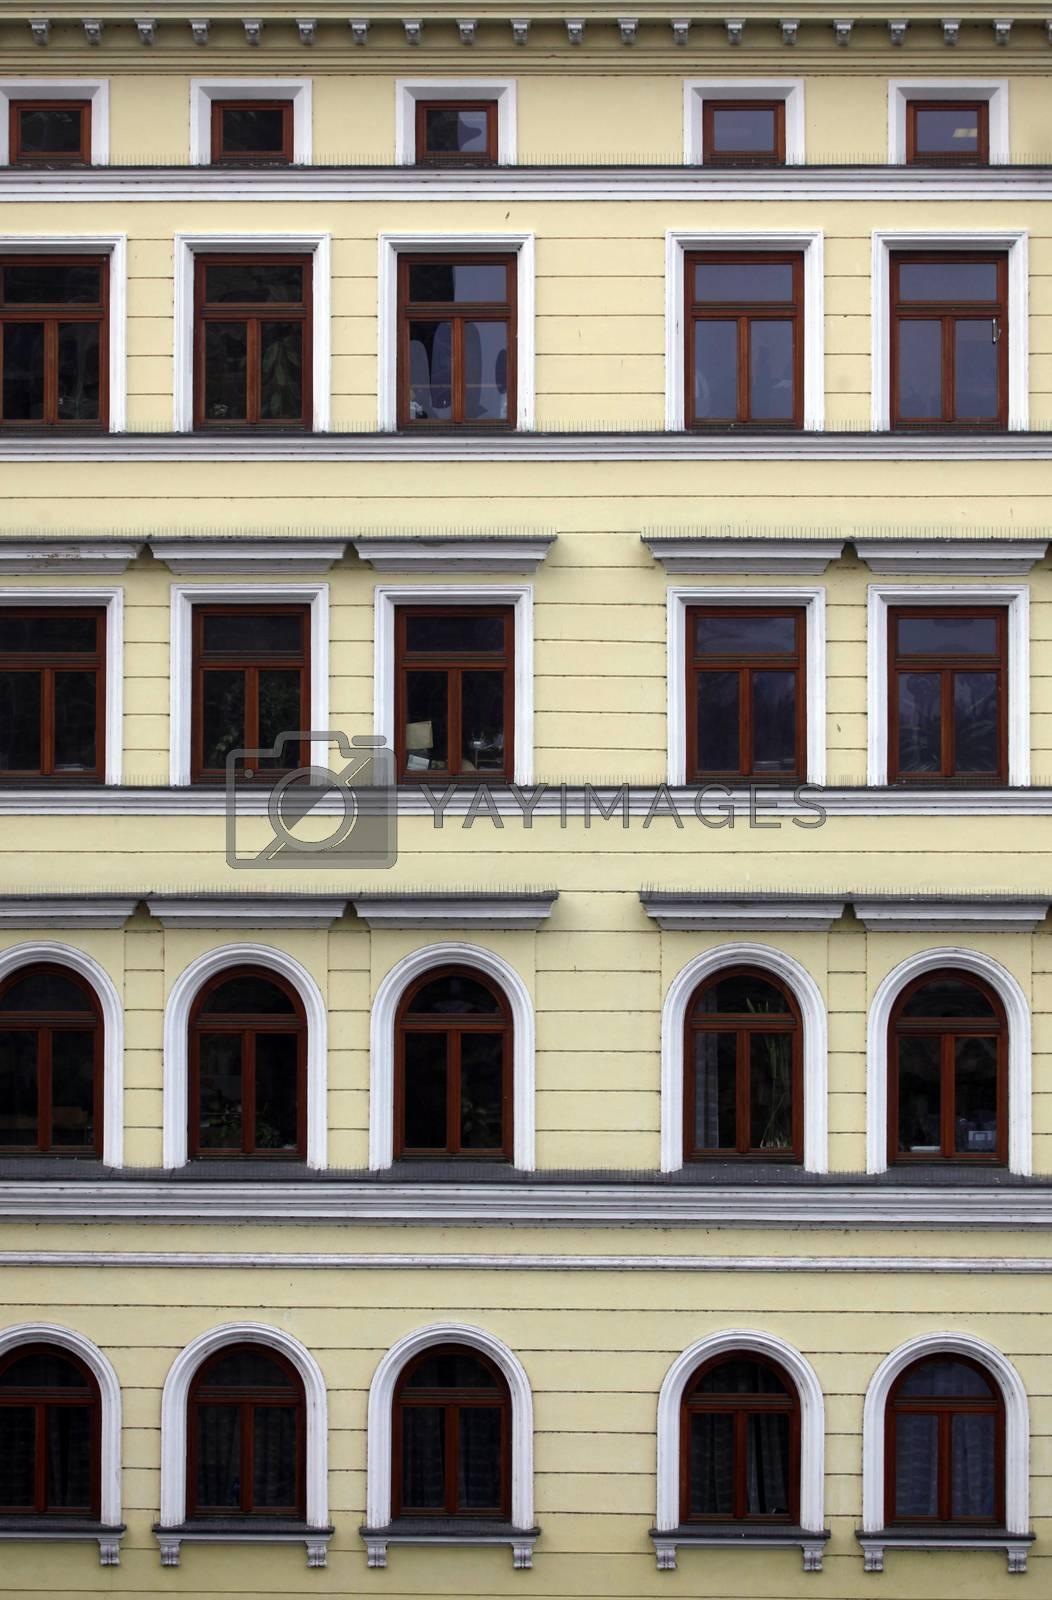 Prague facade by atlas